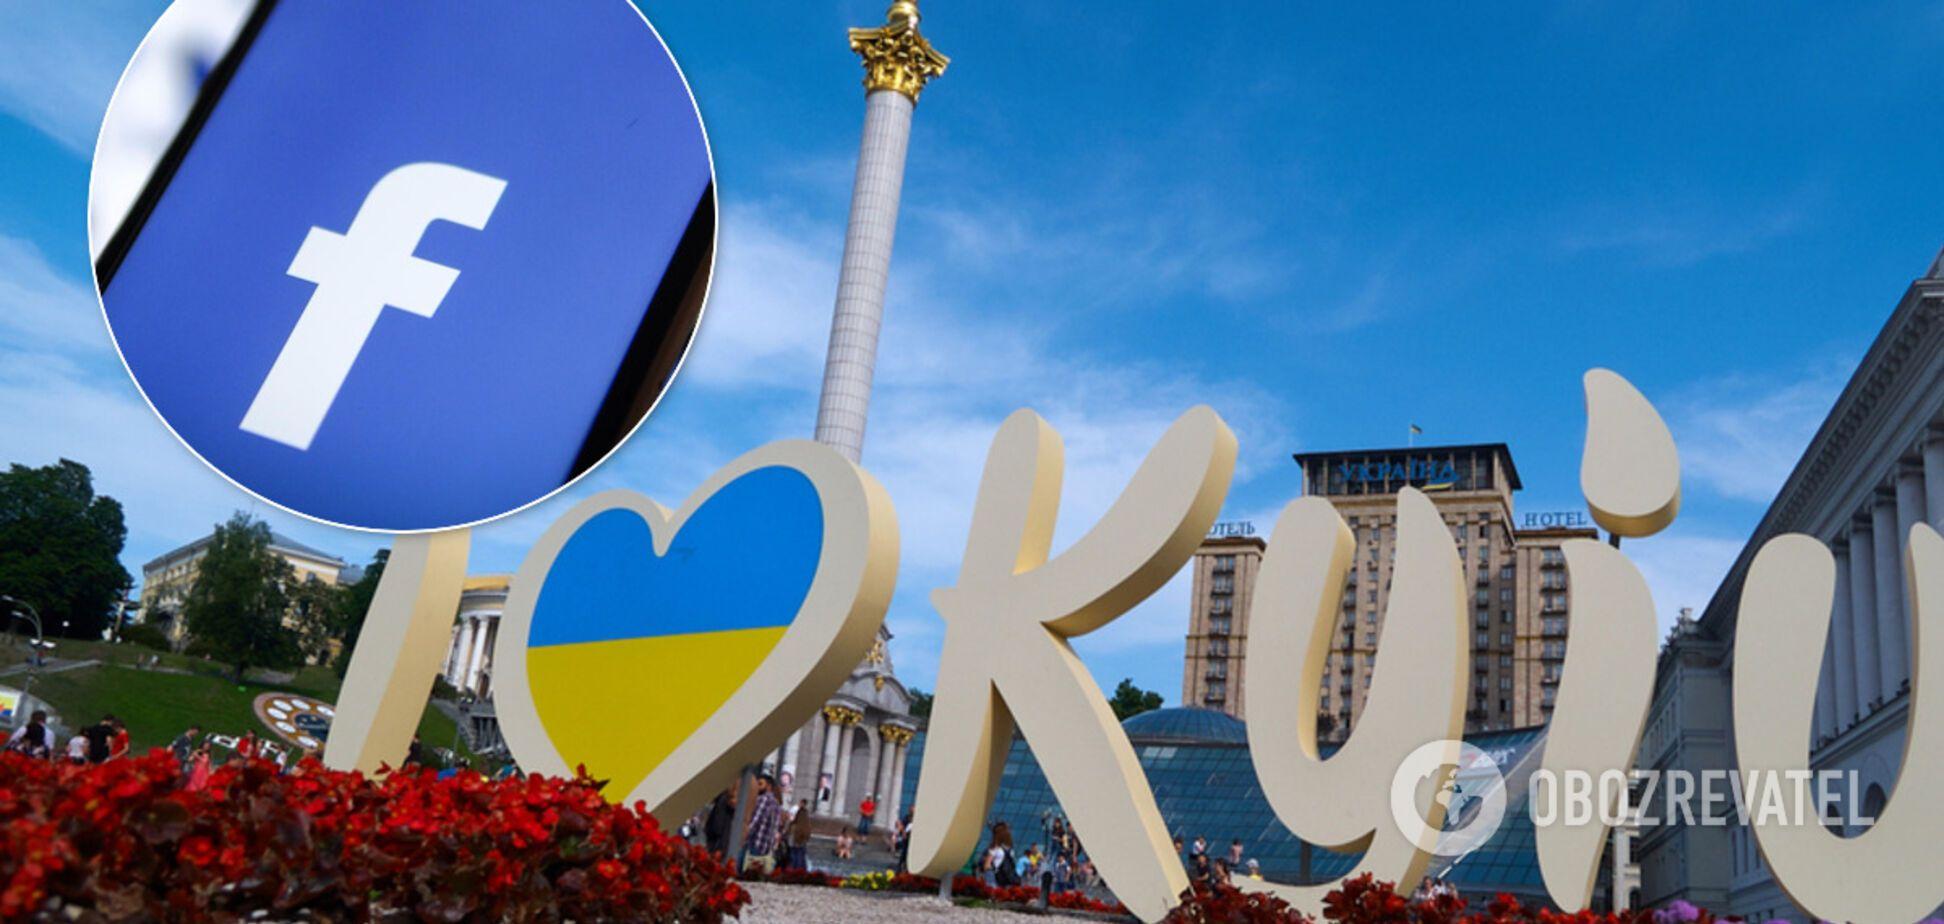 Kyiv not Kiev: МИД заставил Facebook правильно писать название столицы Украины